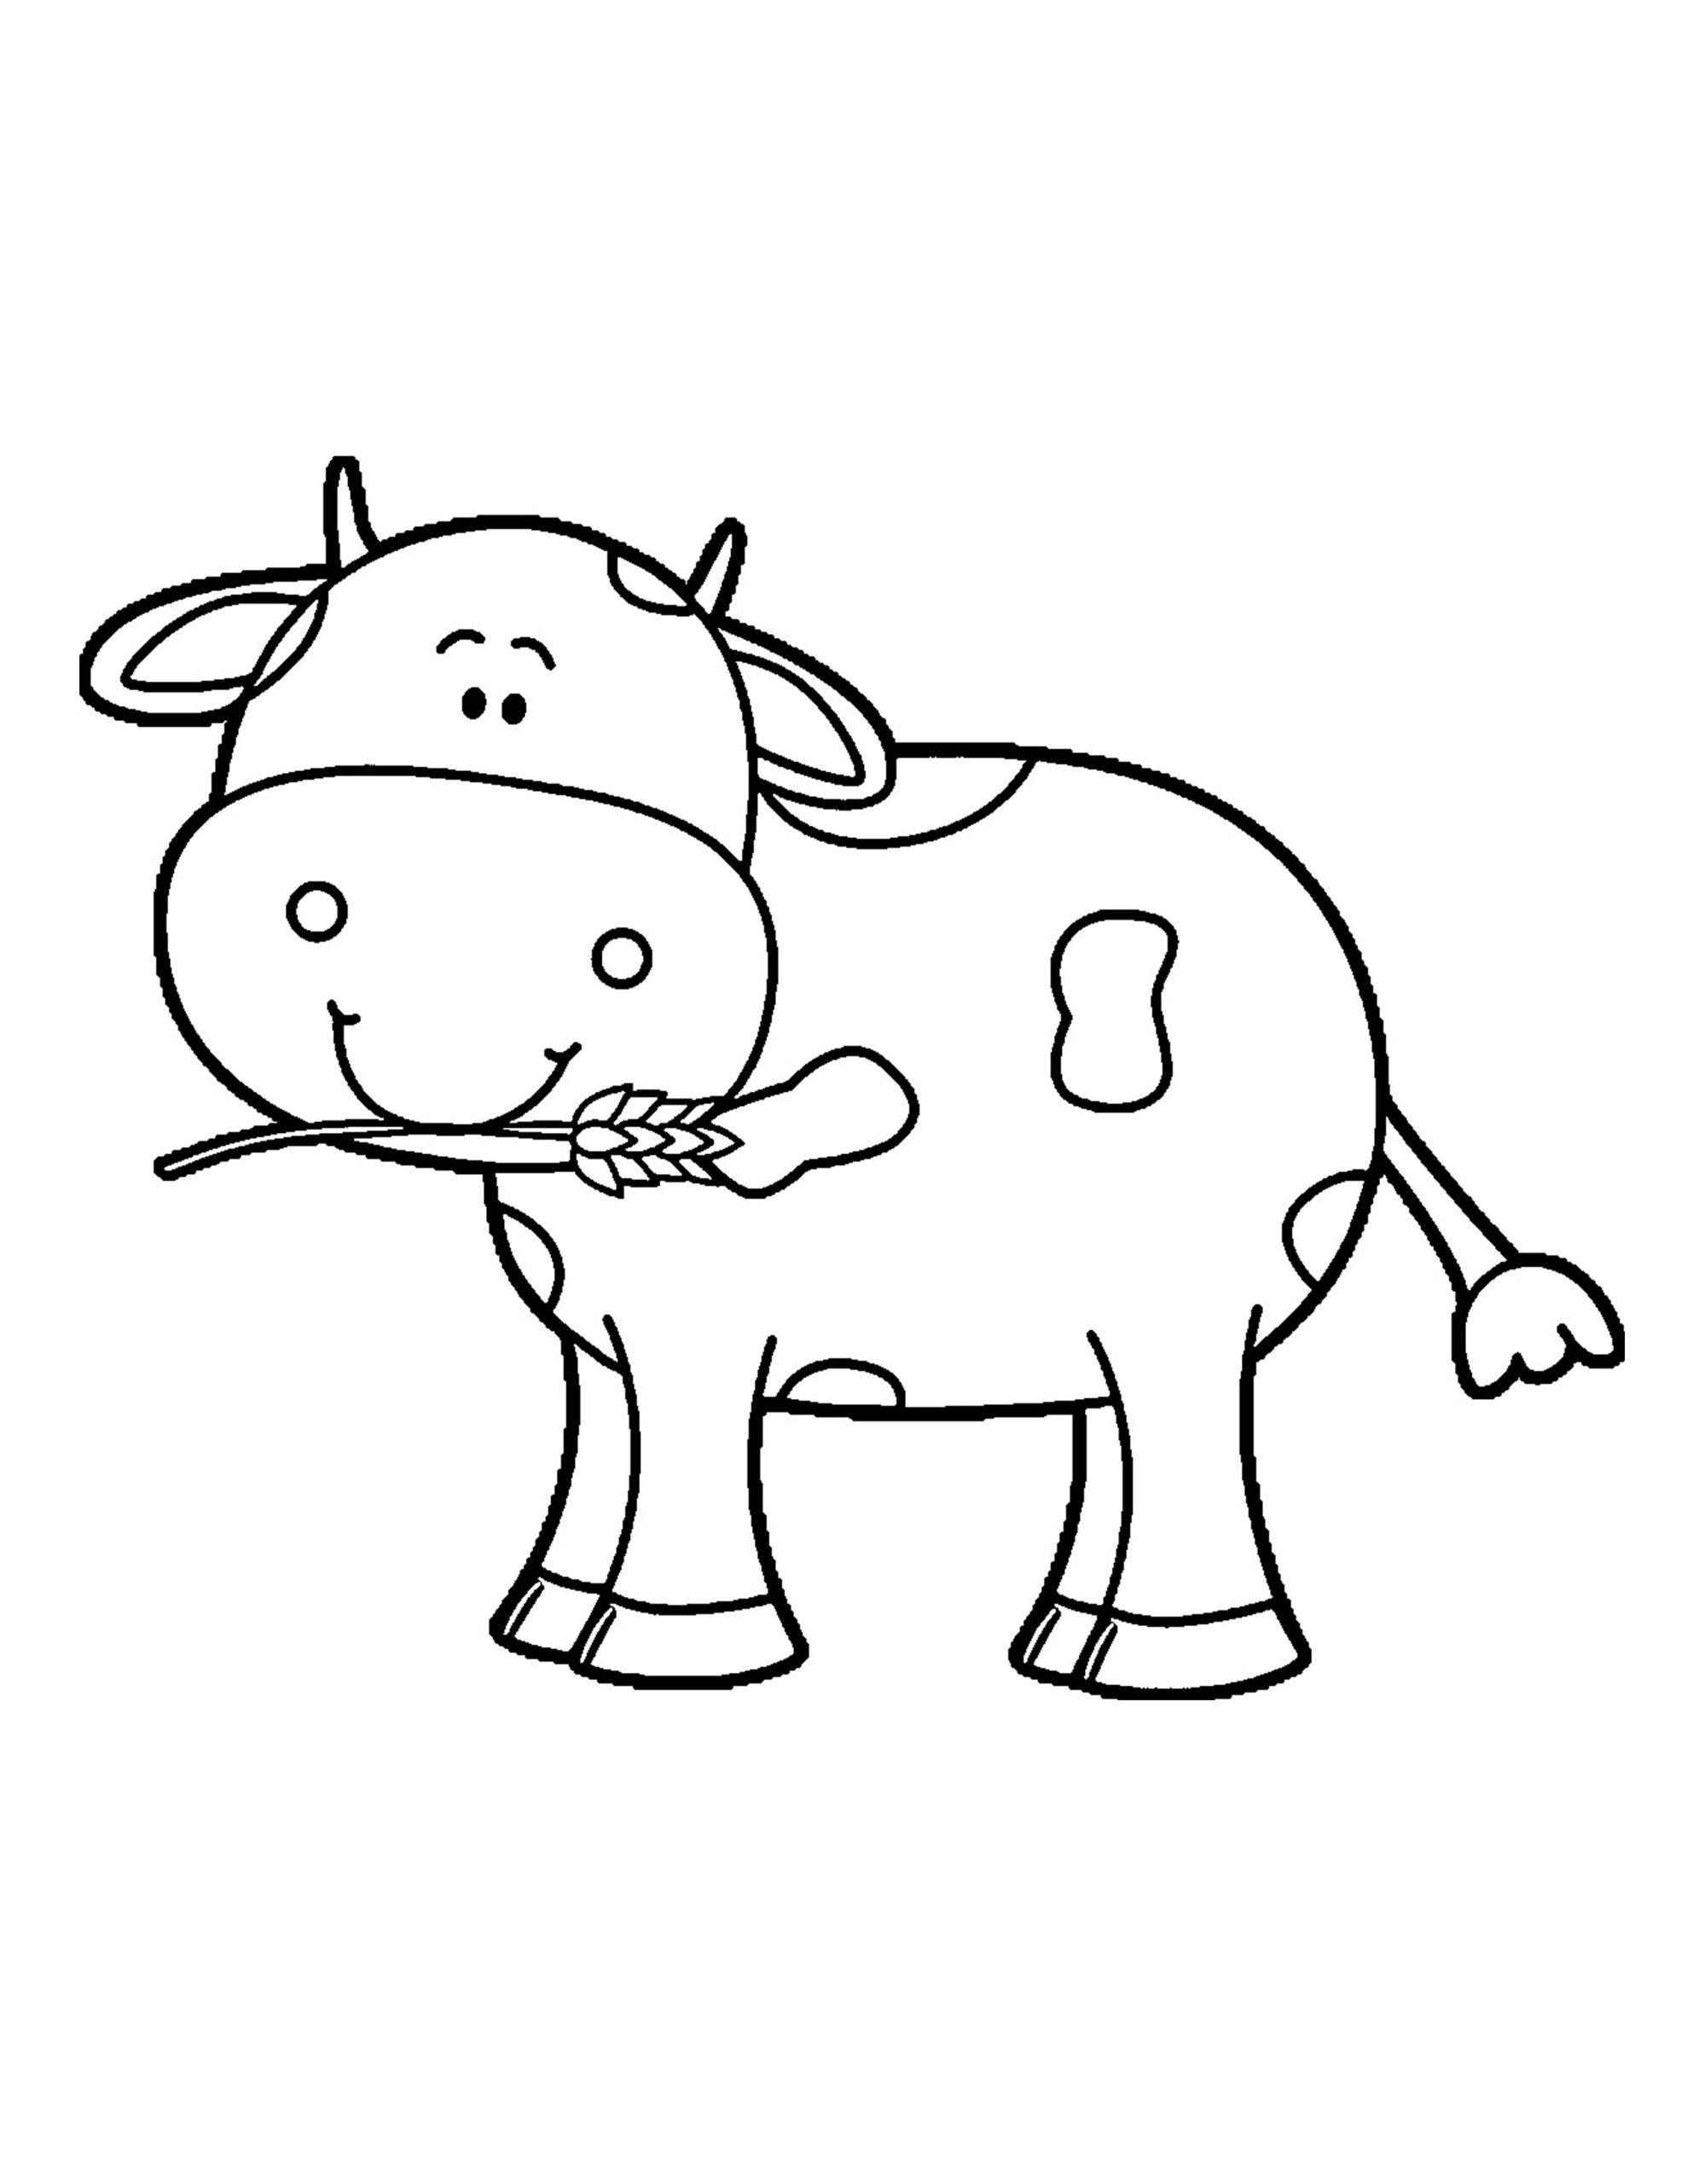 Tranh tô màu con bò con đáng yêu